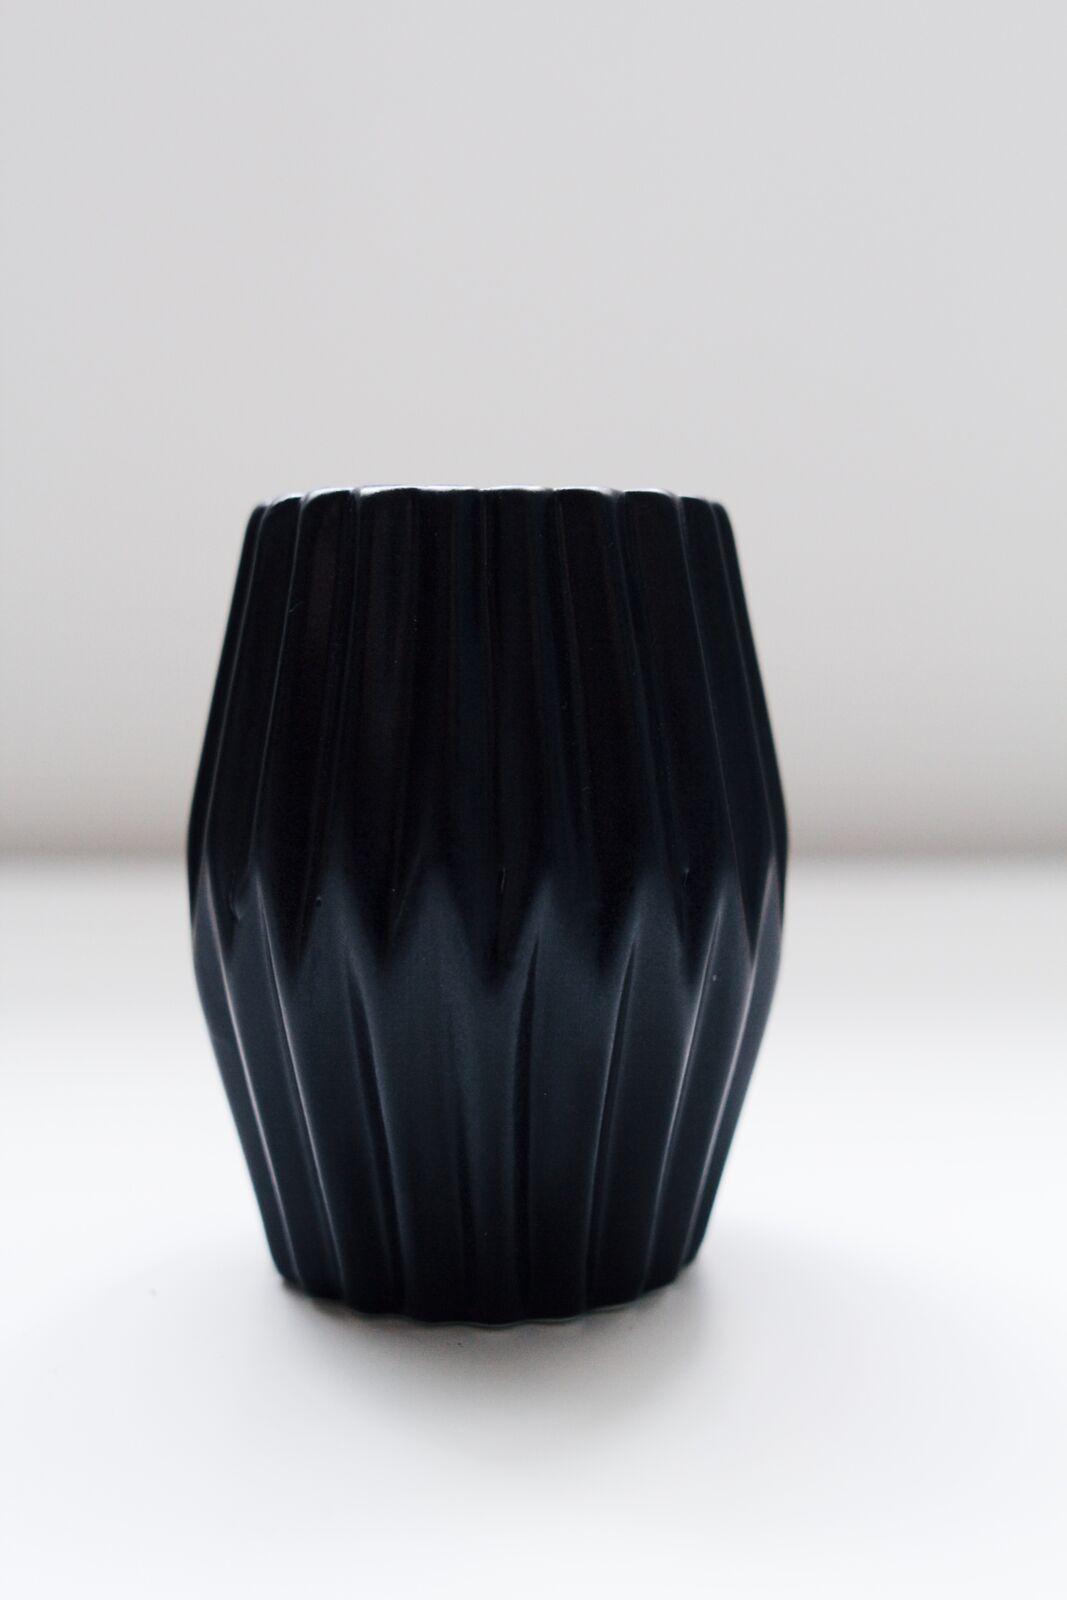 avideas-inventory-vessels-blackmatteporcelain-MED2_preview.jpeg